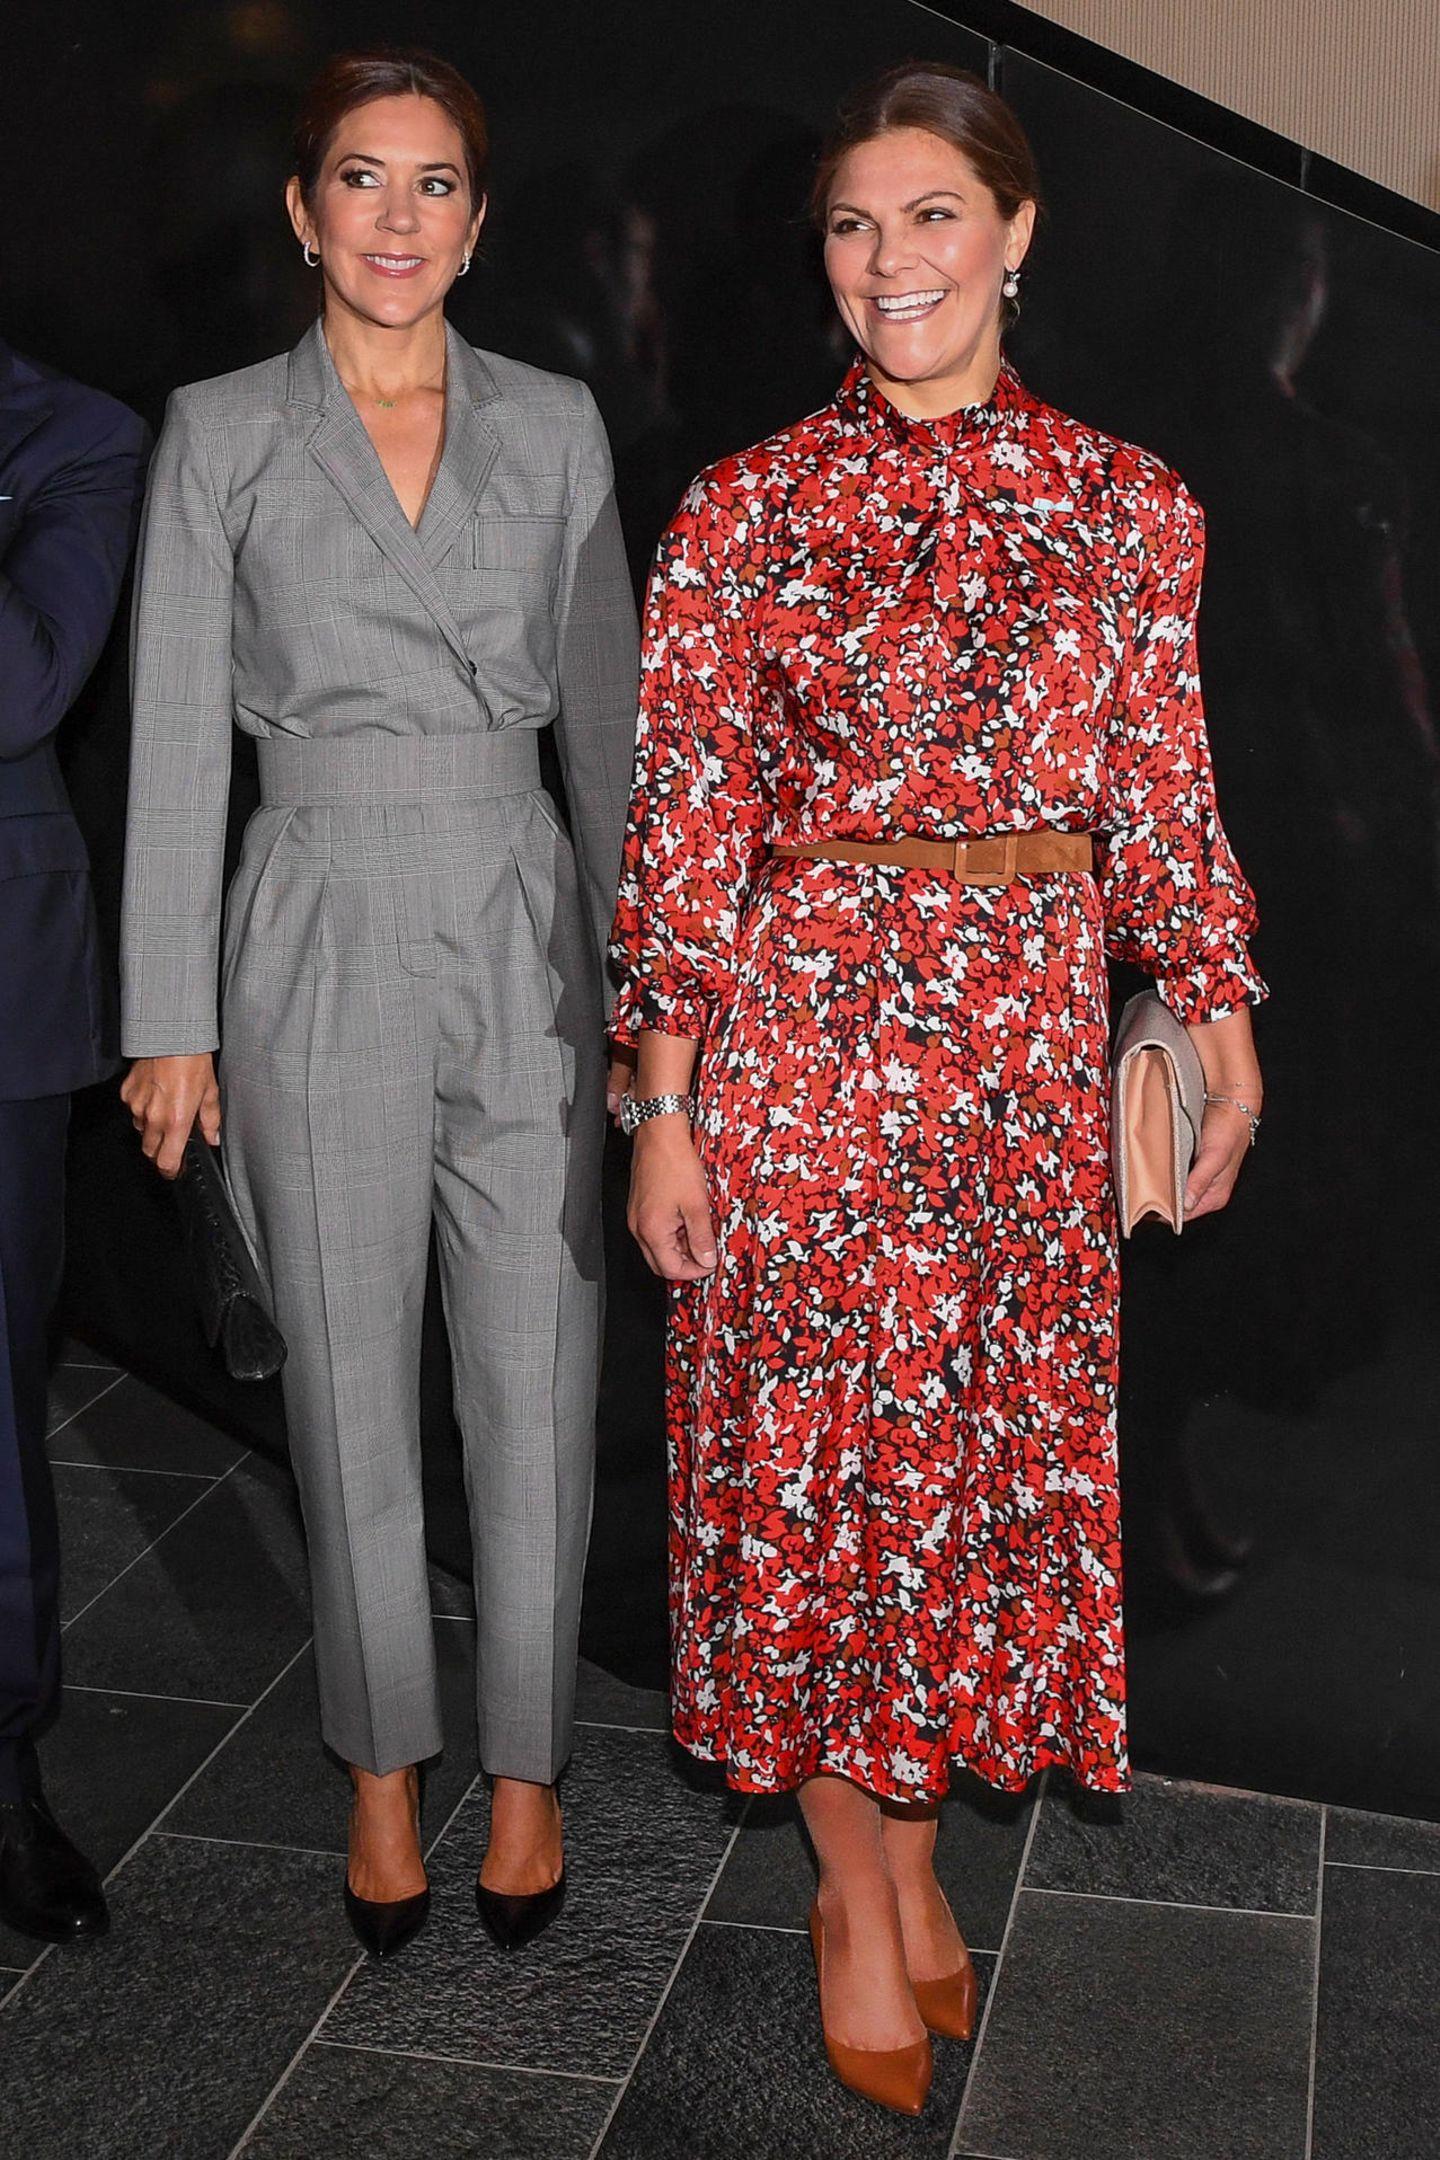 Schwedens Vorzeige-Royal trifft auf Dänemarks Fashion-Ikone: Prinzessin Mary und Prinzessin Victoria könnten während eines gemeinsamen Termins in Kopenhagen unterschiedlicher nicht aussehen: Victoria in einem Midi-Kleid des Labels Dagmarmit rot-weißem Blumenmuster ...